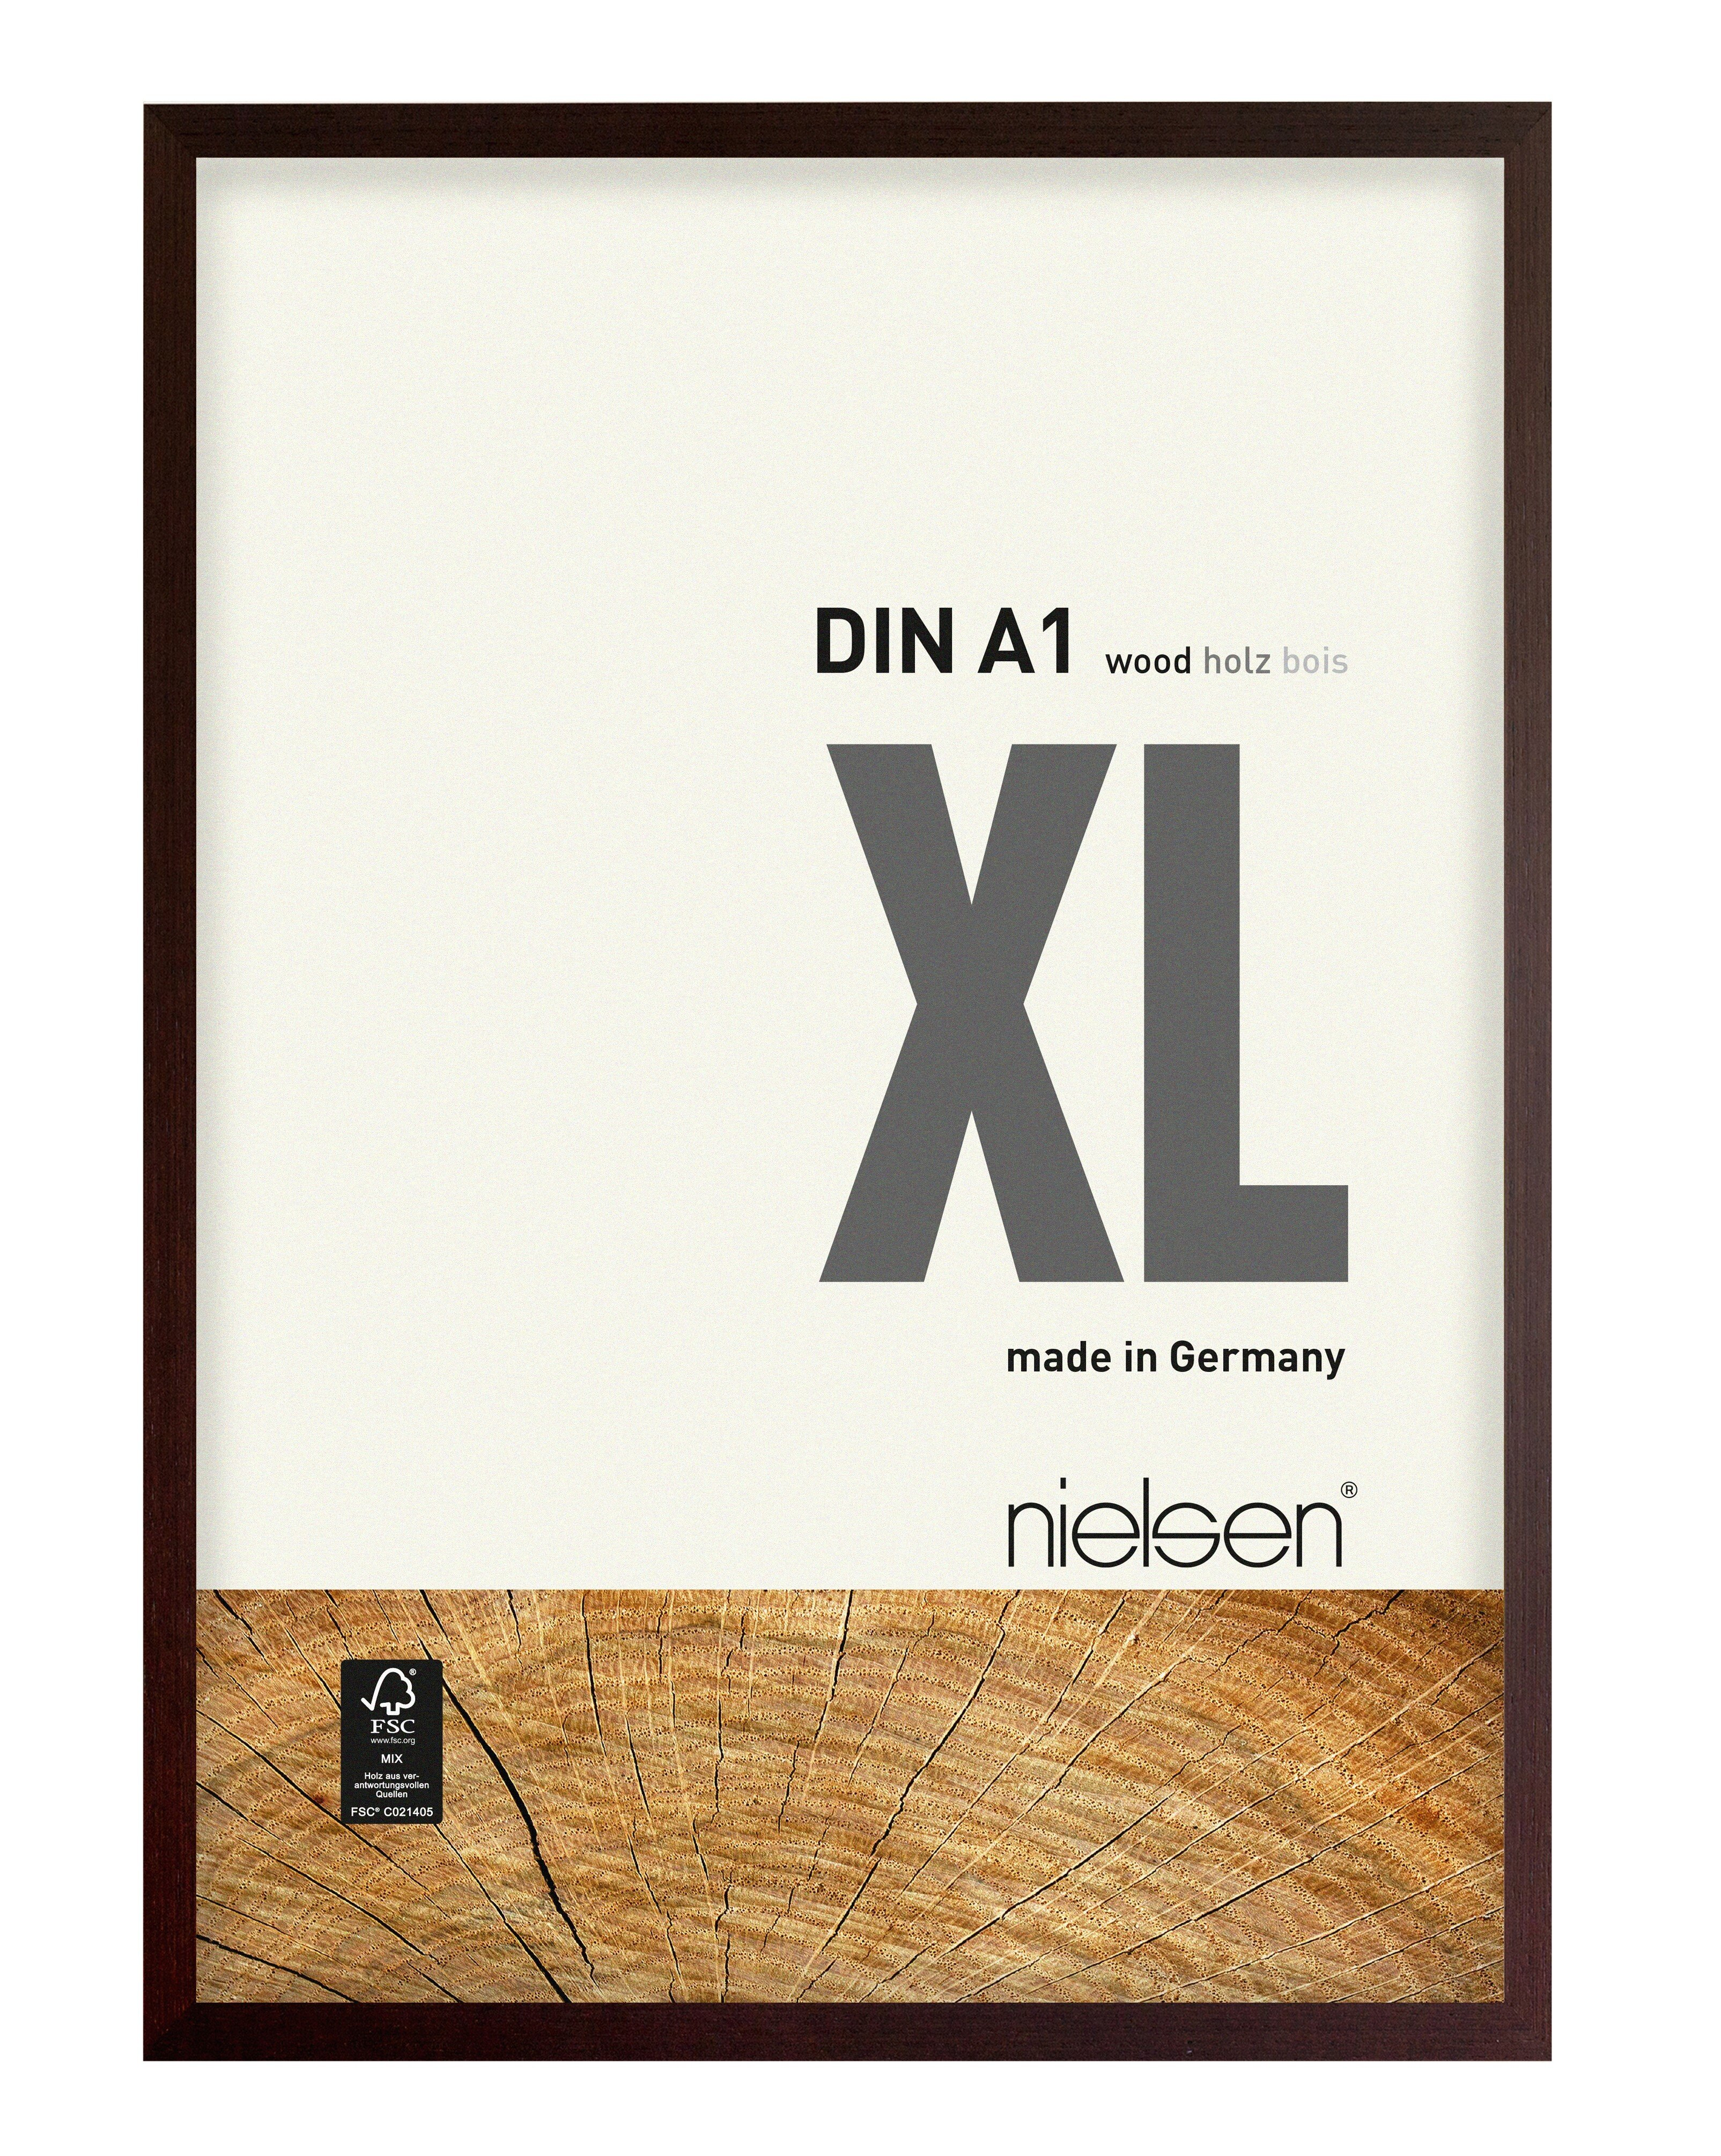 Nielsen Design GmbH Bilderrahmen XL | Wayfair.de